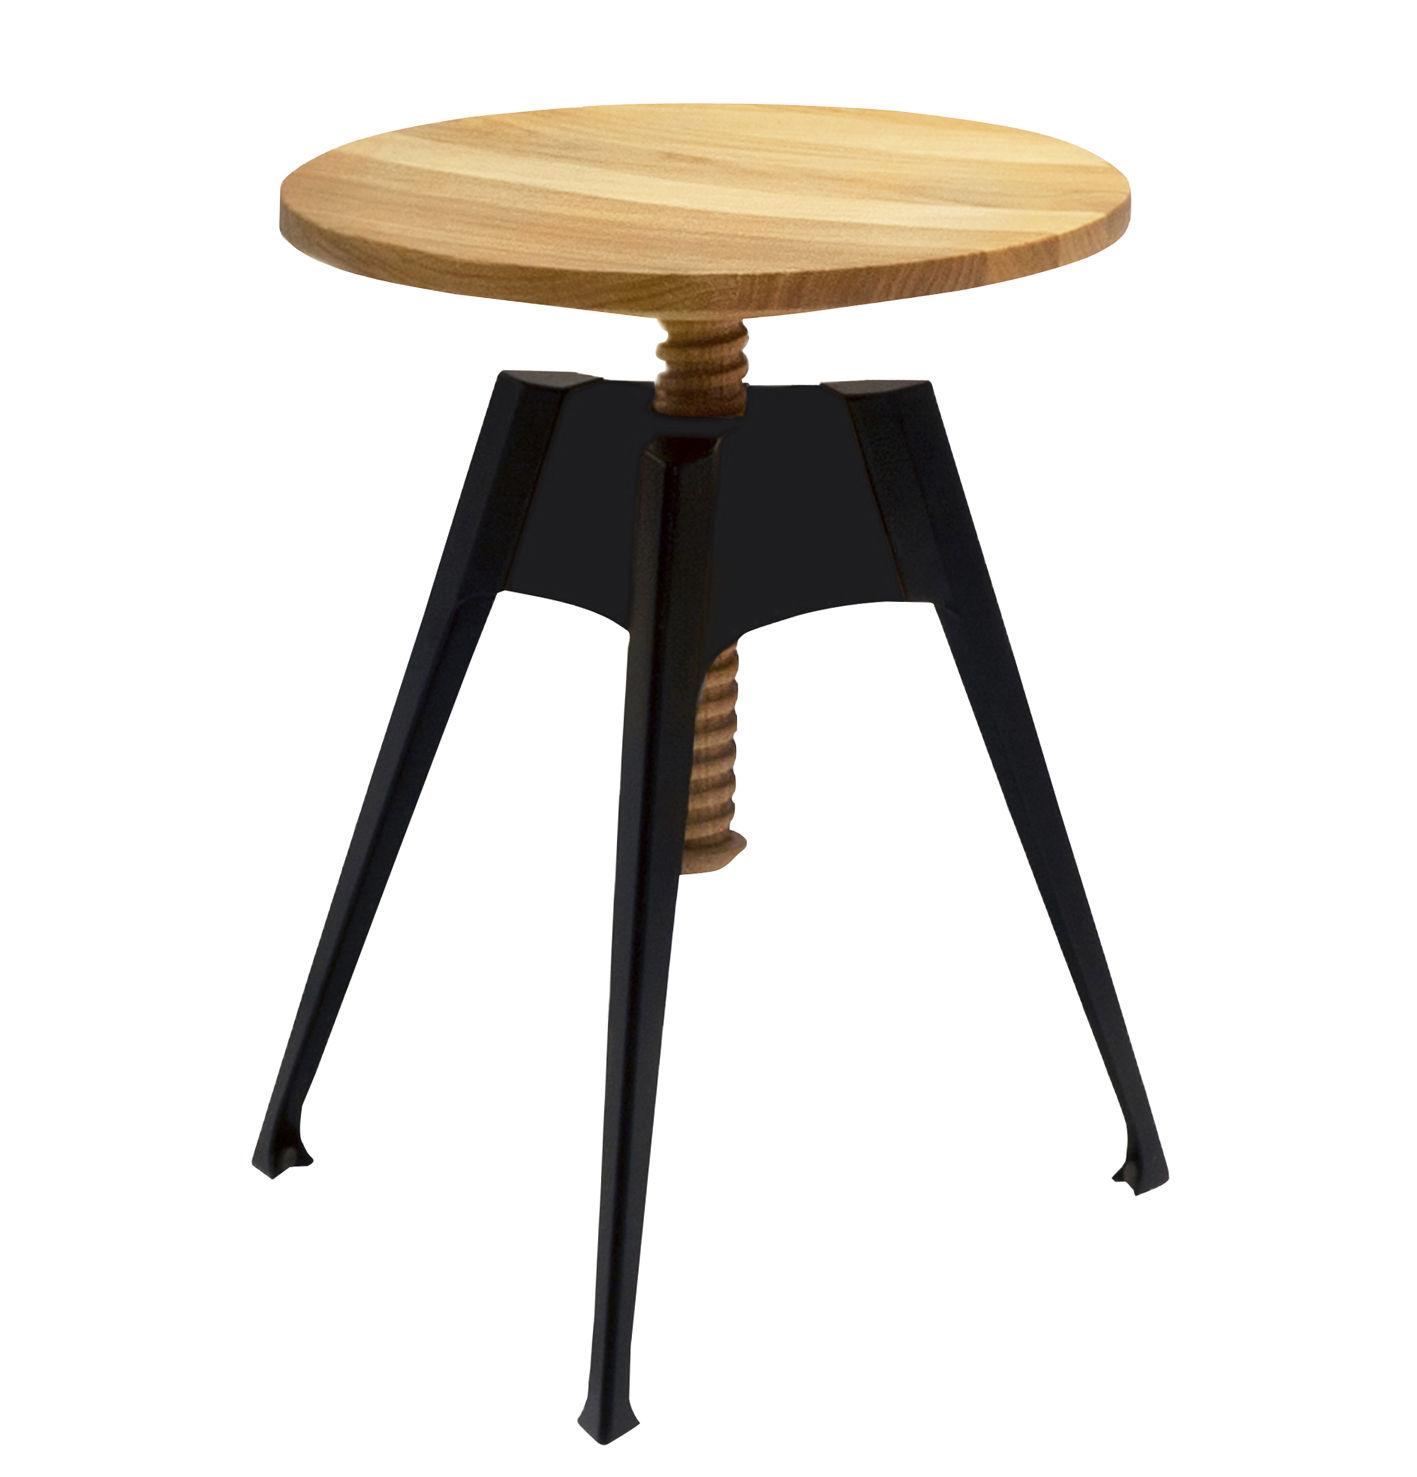 tabouret portable atelier moleskine h 45 60 cm bois. Black Bedroom Furniture Sets. Home Design Ideas